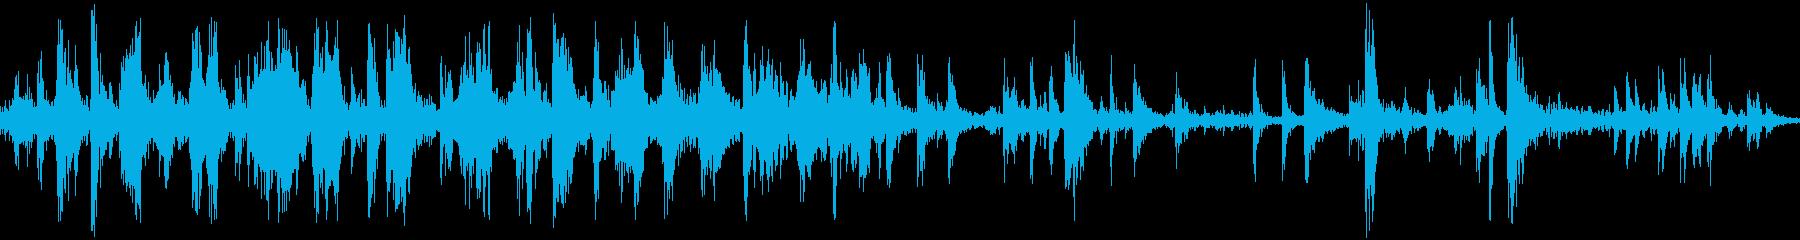 お金の計算(アナログ計算機の音)の再生済みの波形